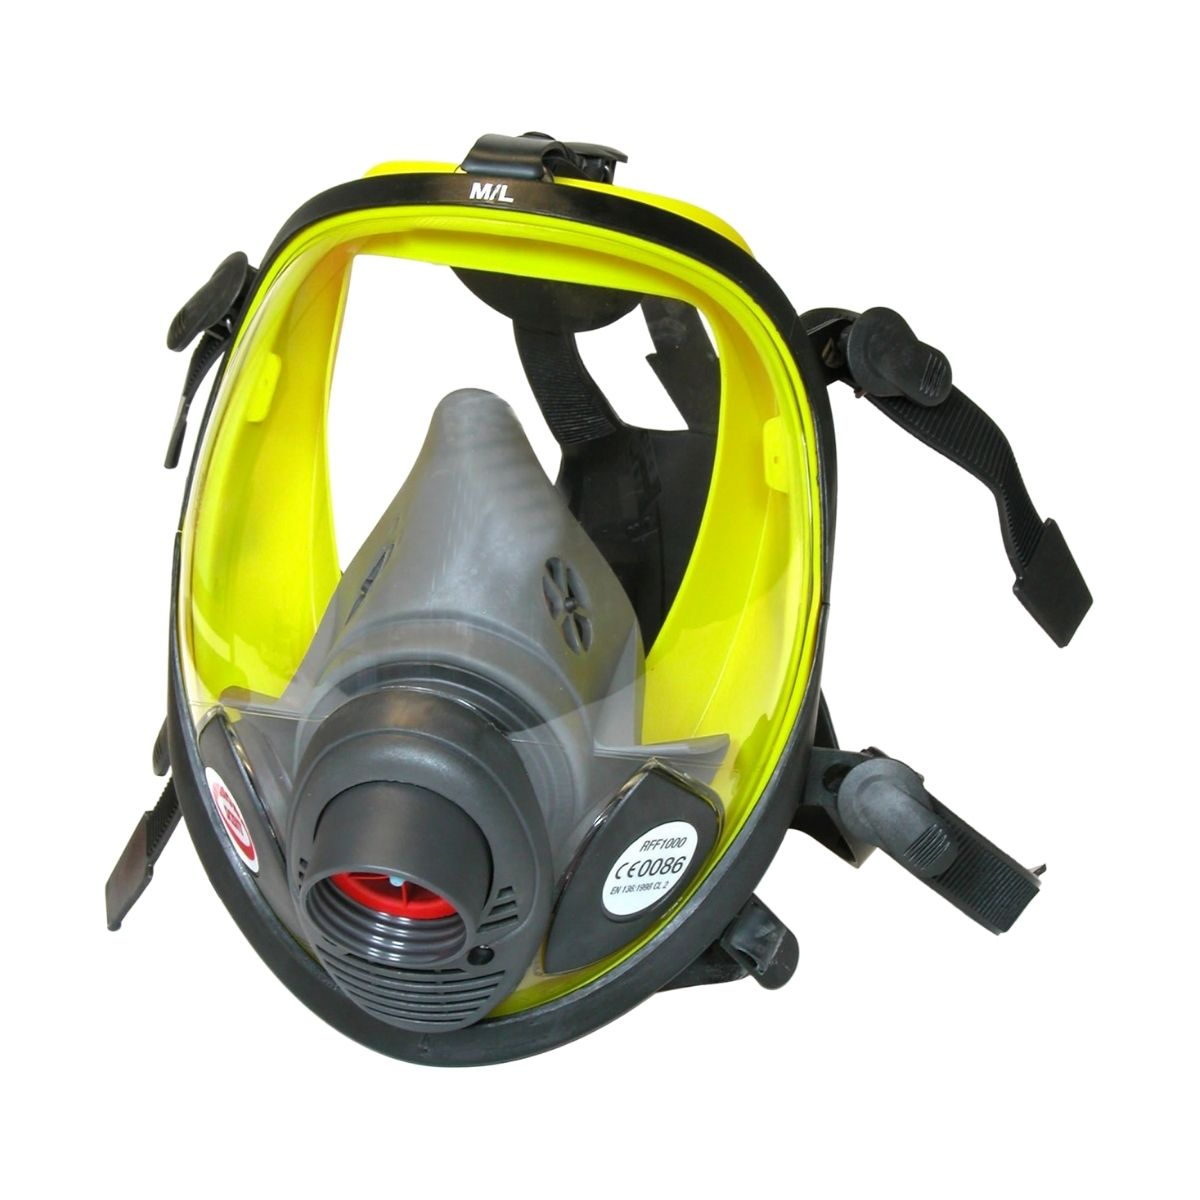 RP5512 Scott Vision 2 Full-Face Mask Respirator